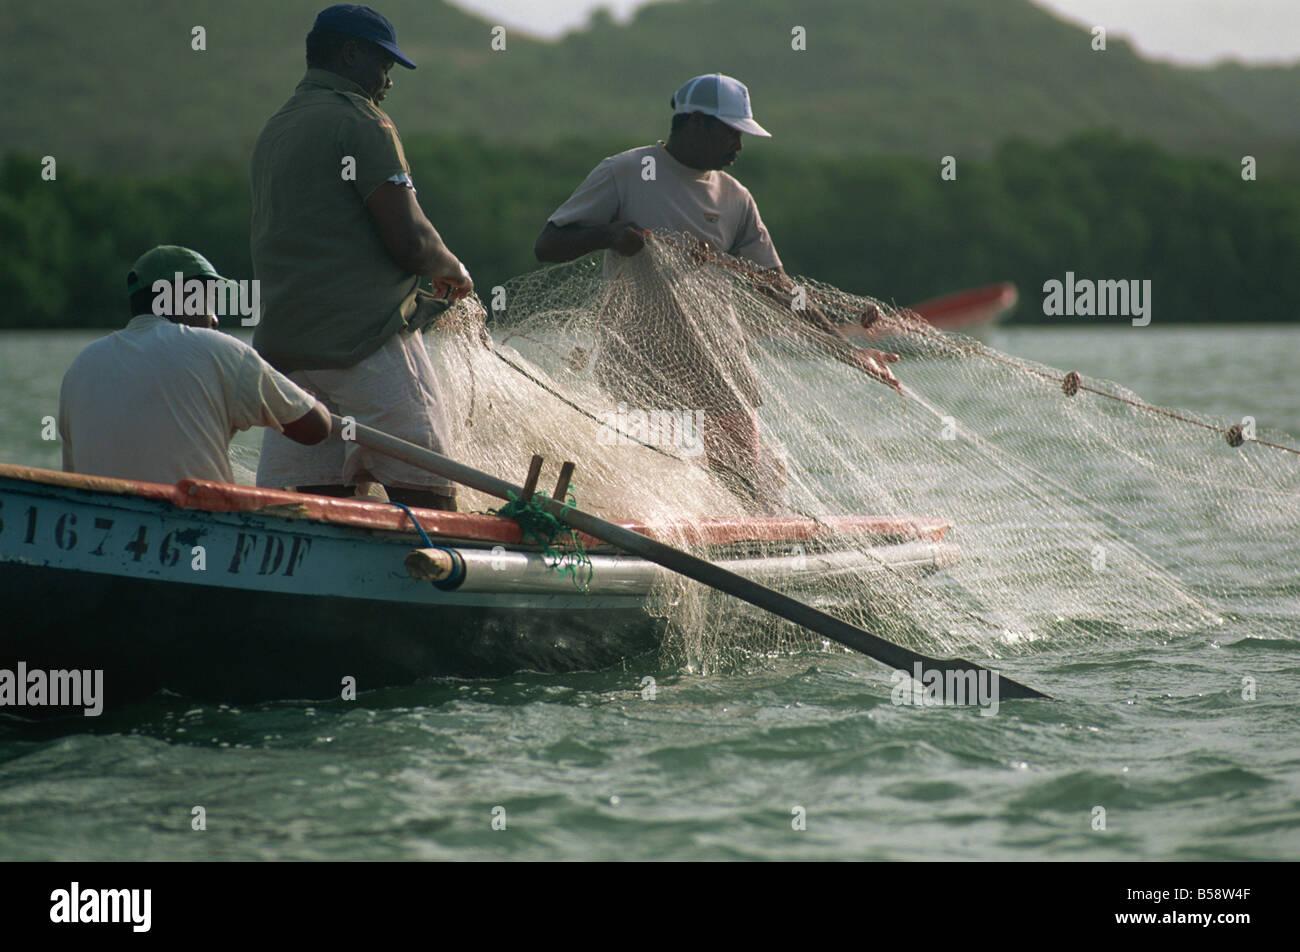 Disegno in reti da pesca, Baie des Anglais, Martinica, West Indies, dei Caraibi e America centrale Immagini Stock